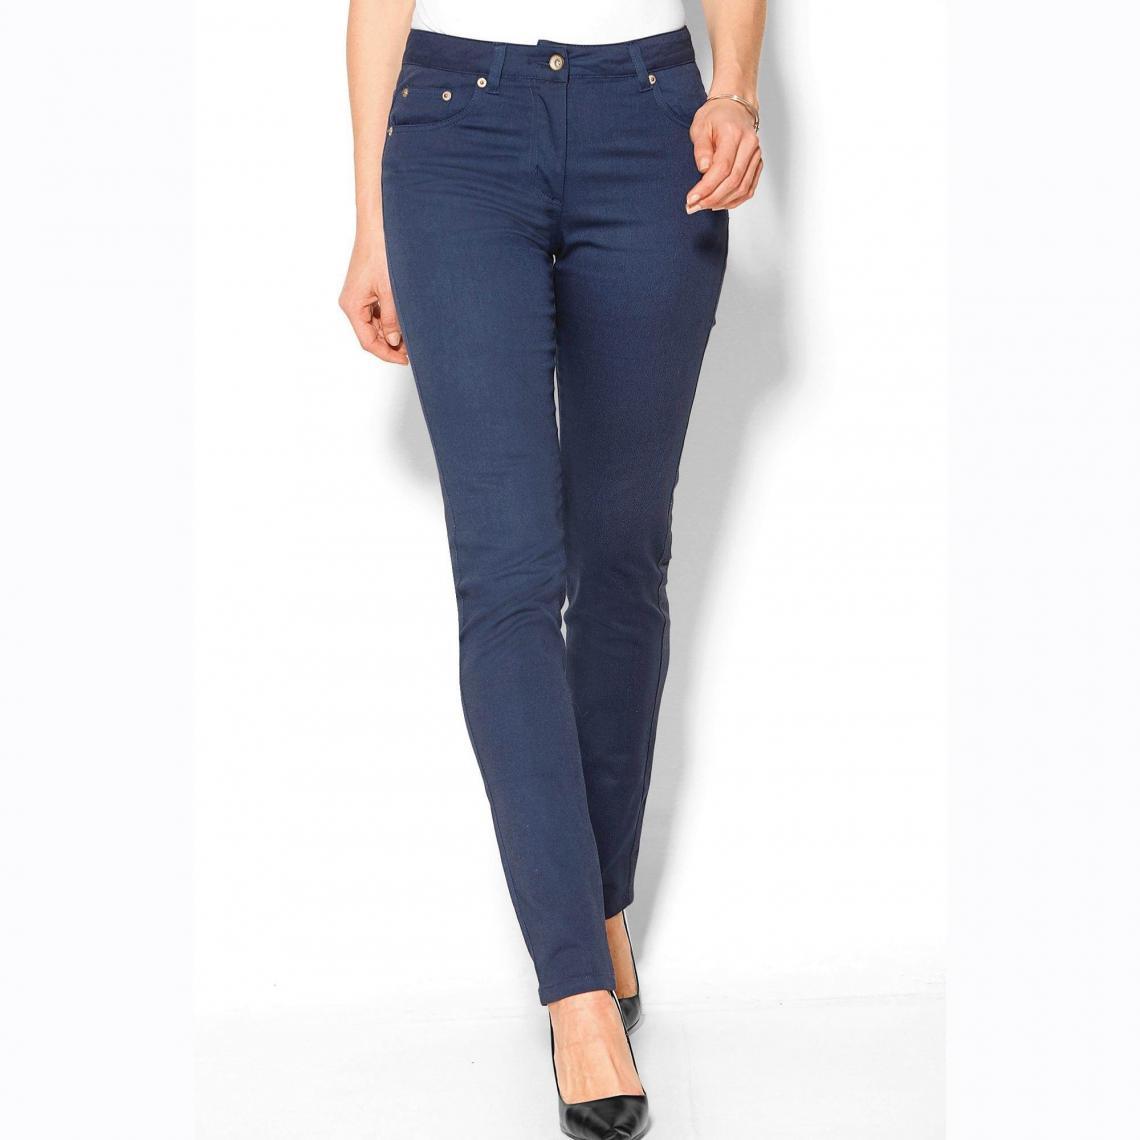 Pantalon élastique taille haute 5 poches - 3 SUISSES - Modalova